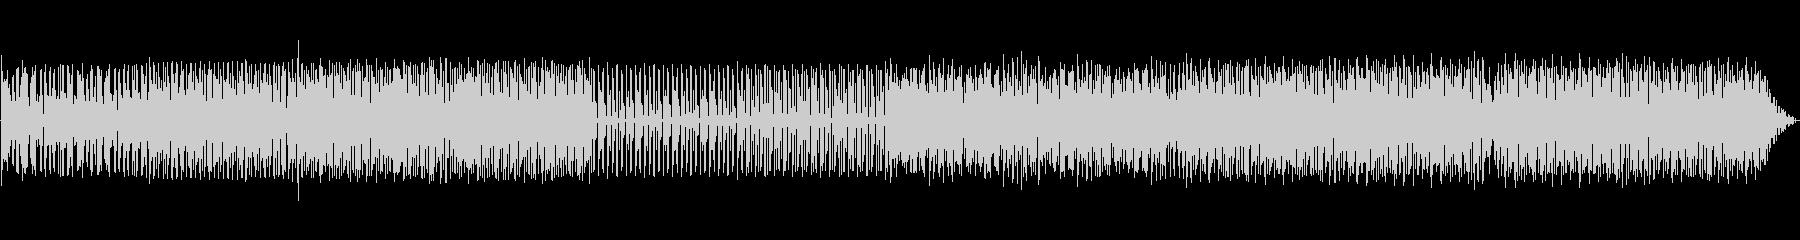 プログレッシブハウス。通常のグルー...の未再生の波形